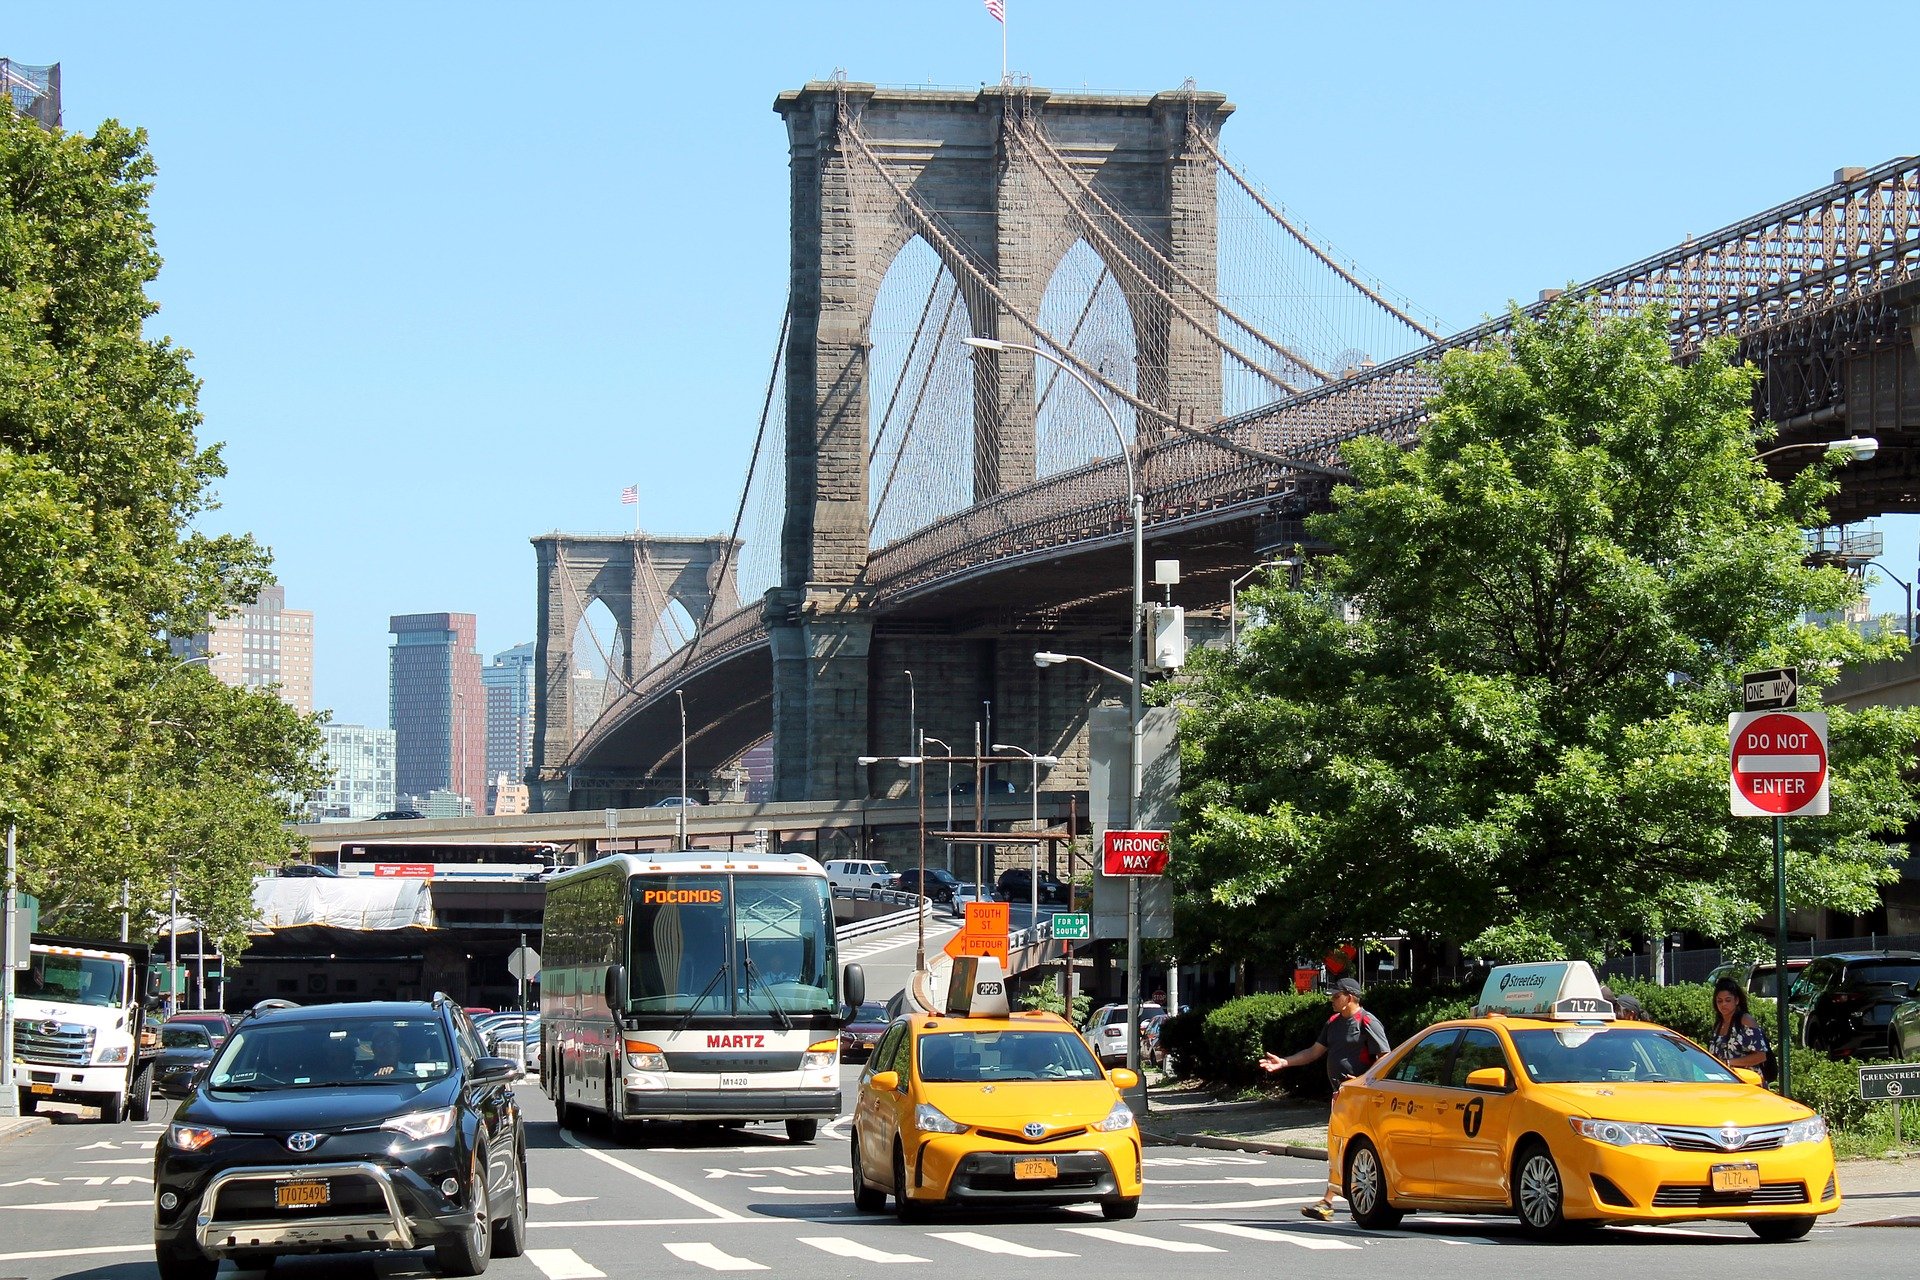 10,000 Person Wedding Gets Shut Down in Brooklyn